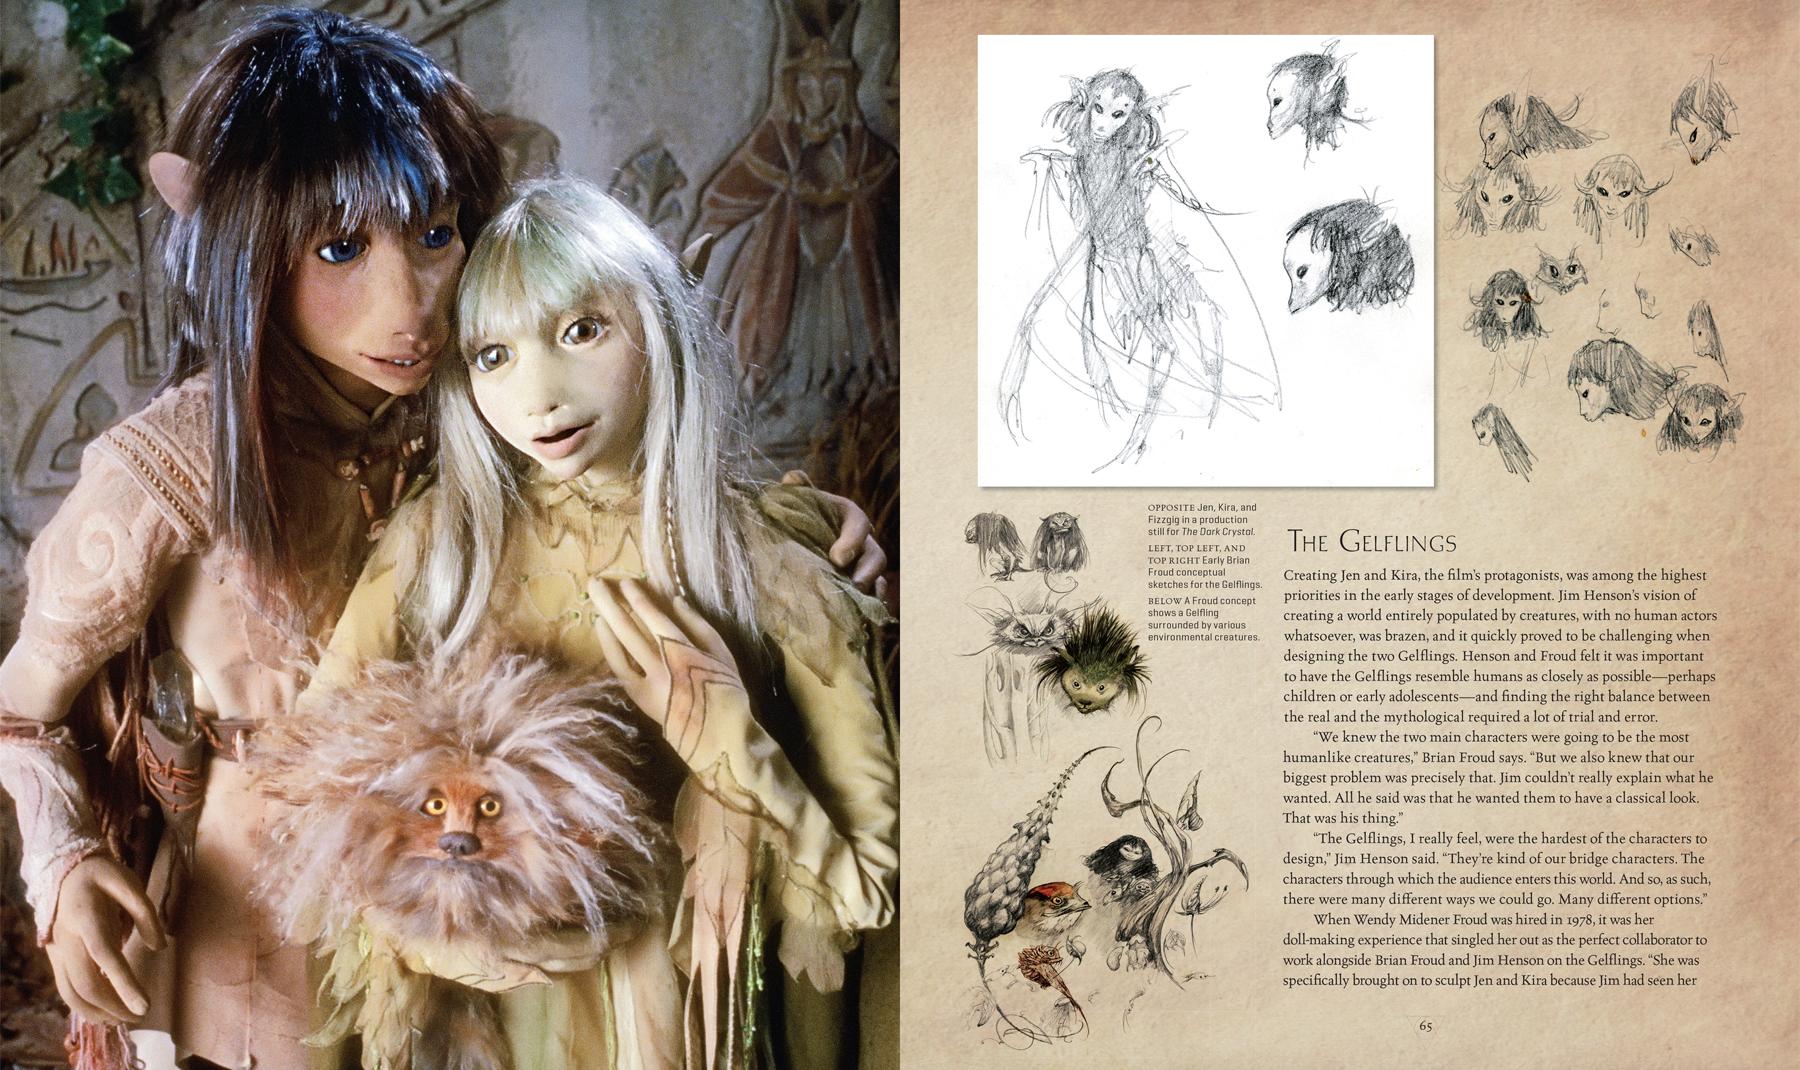 Арт: куклы и фотографии со съёмок в новом артбуке по фильму «Тёмный кристалл» 2